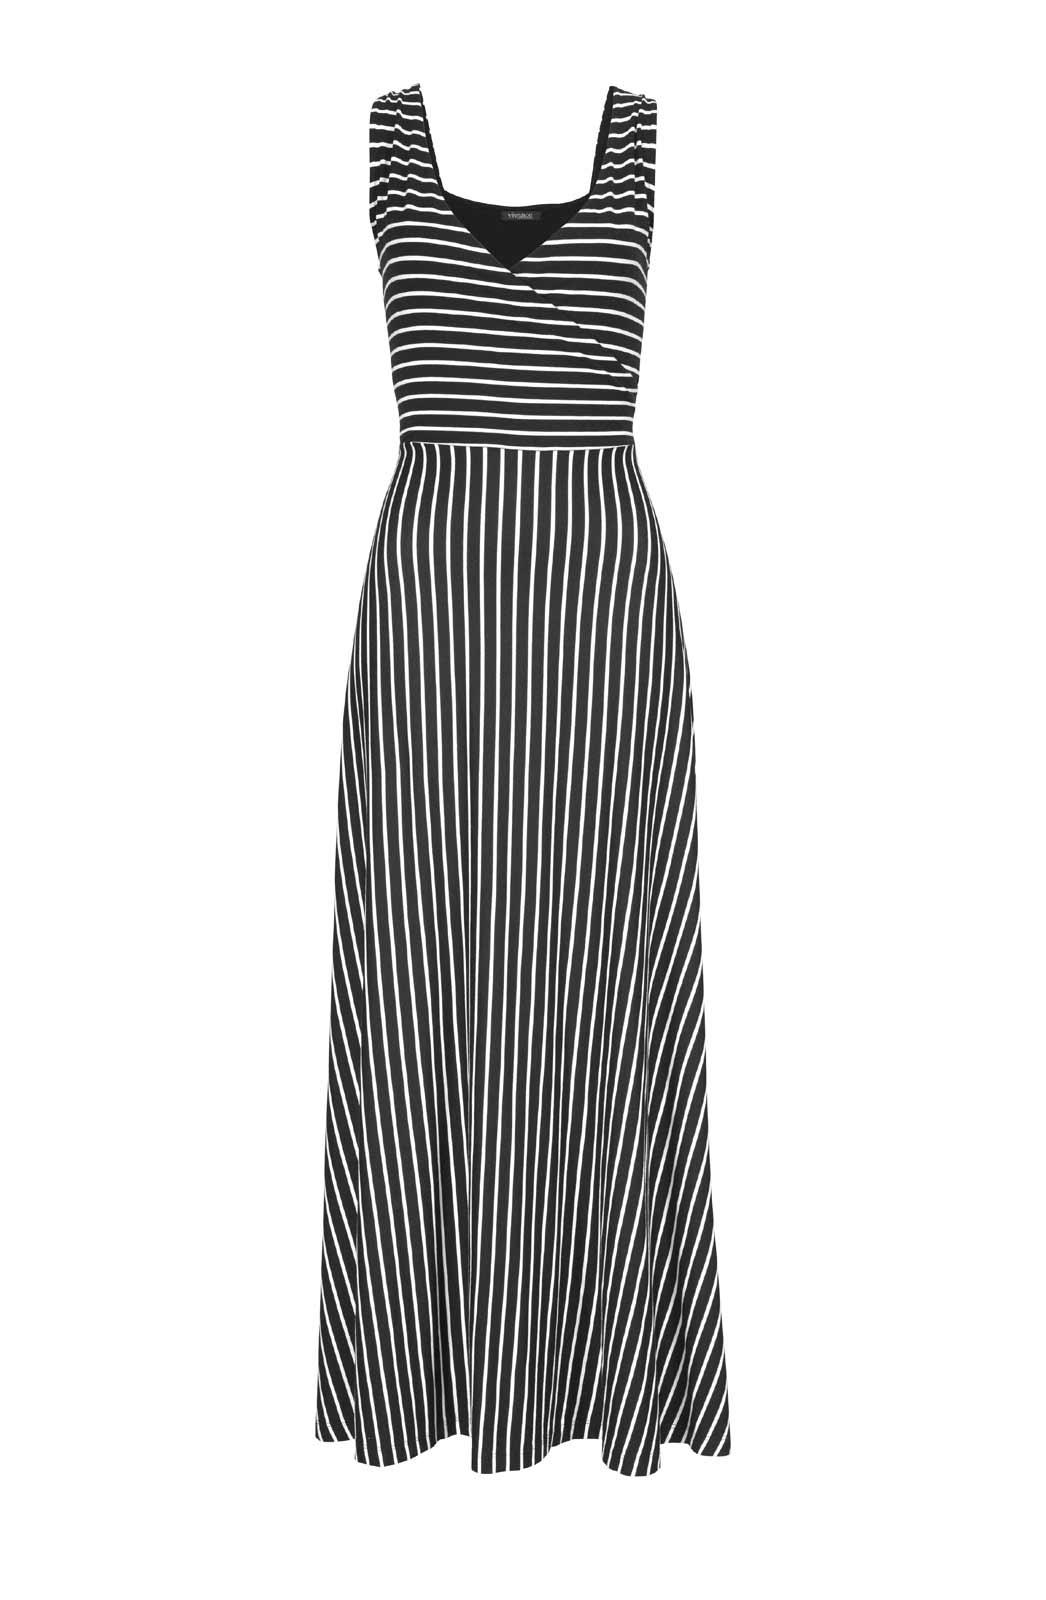 Vivance Collection Maxikleid, schwarz-weiß 395.154 missforty